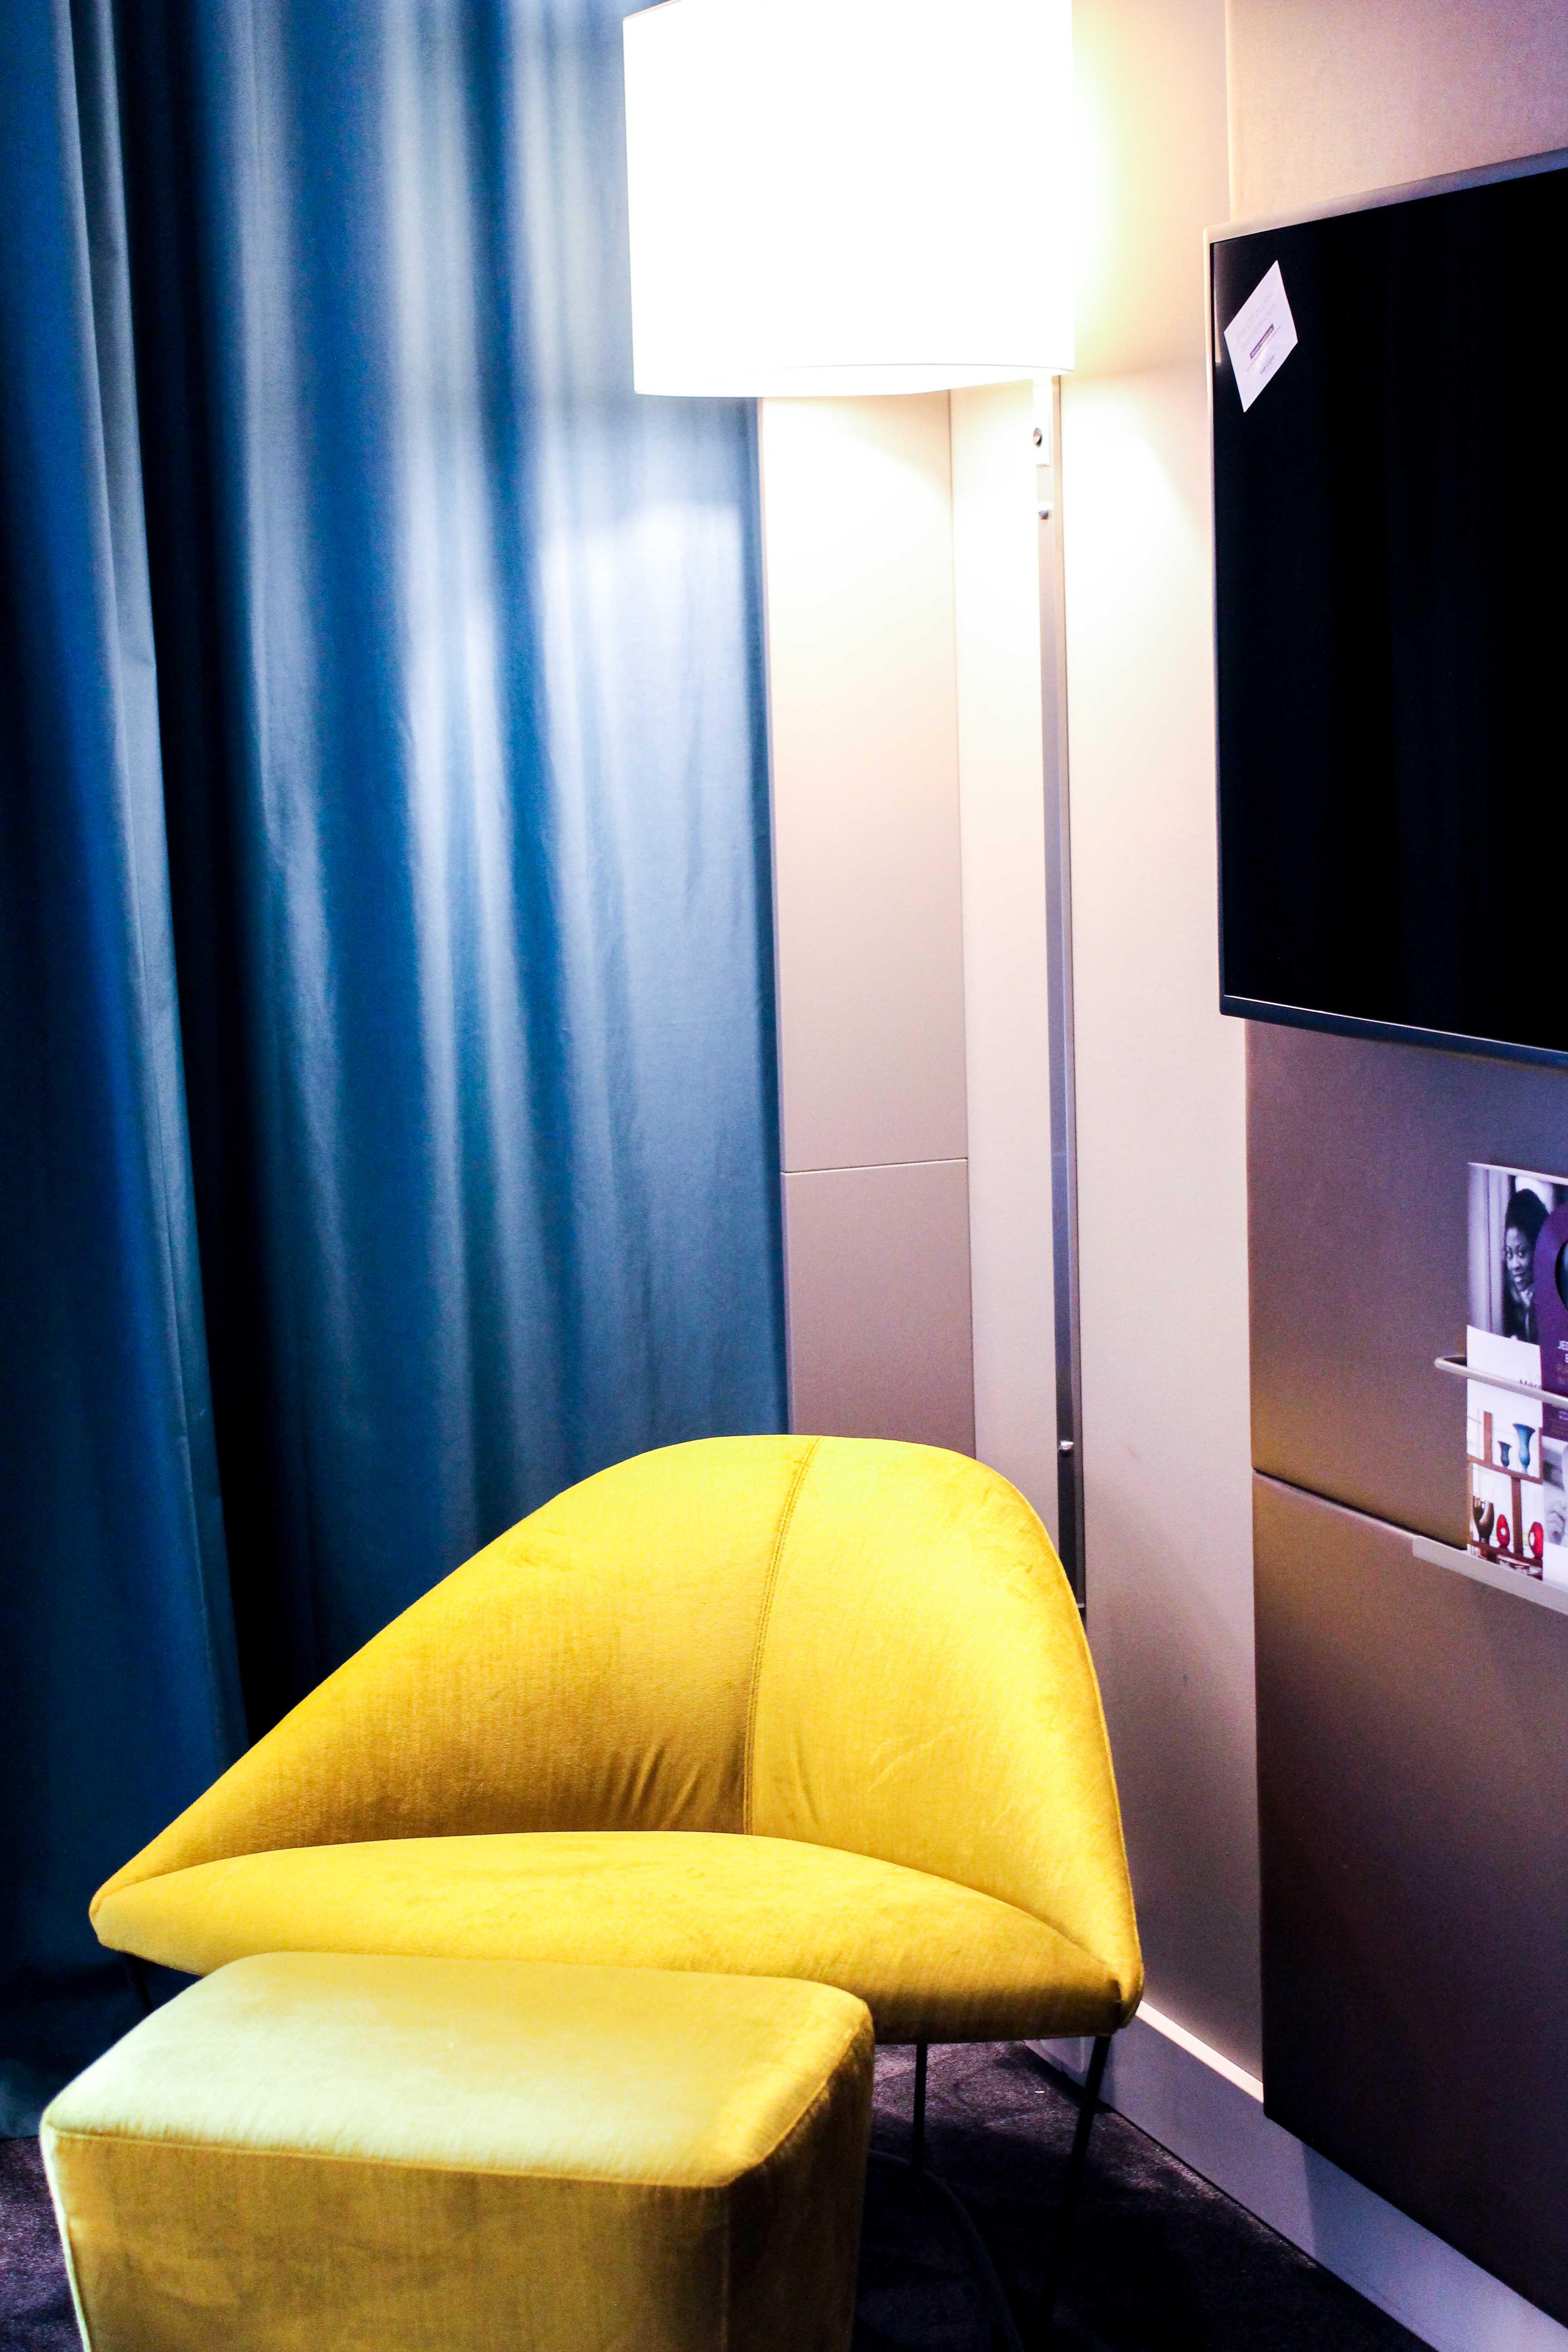 Mein Hotel zur Fashion Week Mercure Hotel Berlin Wittenbergplatz Berlins Trend-Hotel Modeblogger Zimmer Sitzecke